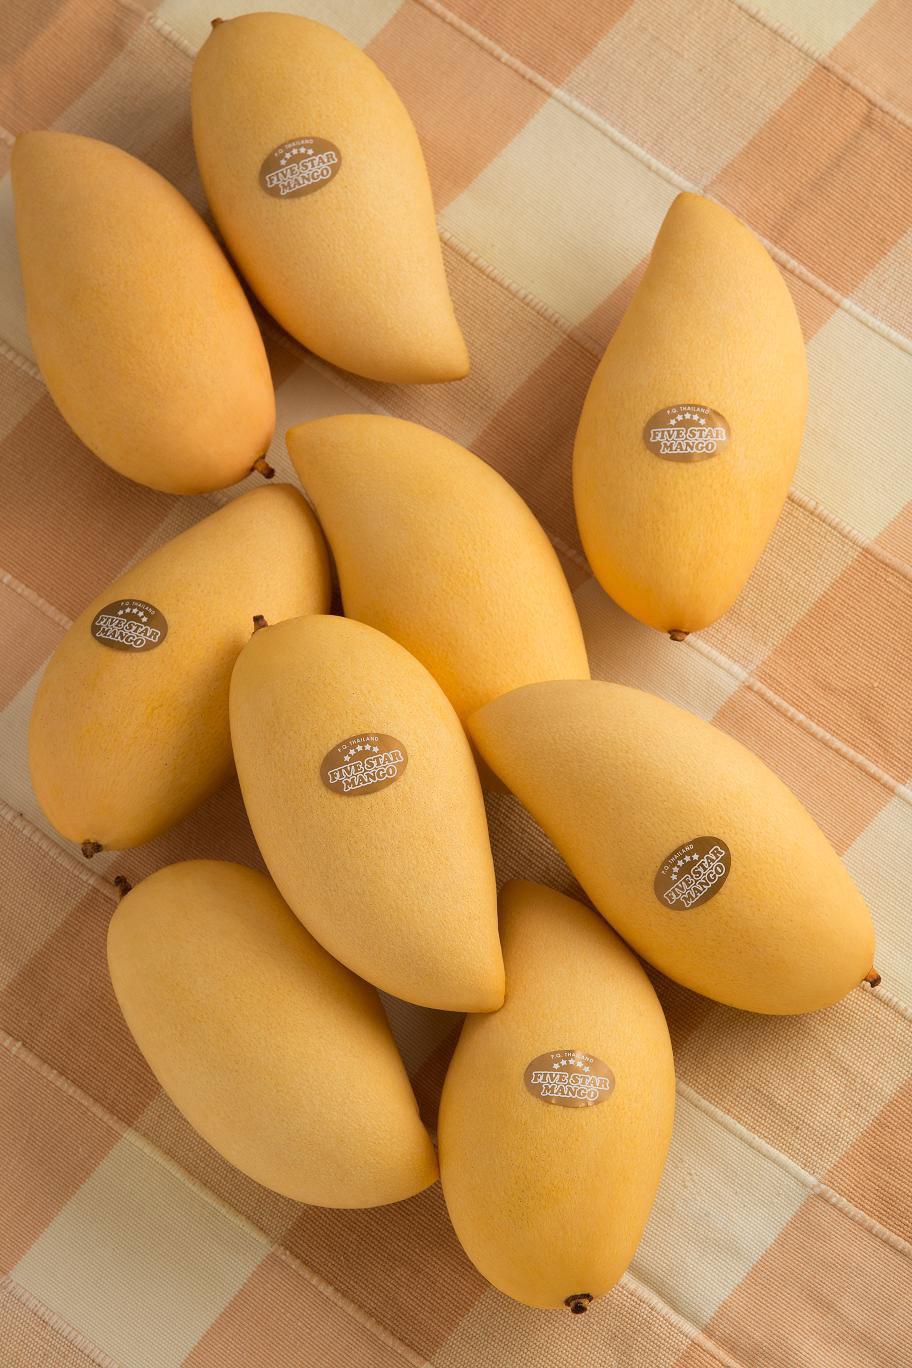 """ナムドークマイ種【ベストシーズン:3〜5月】最もポピュラーで、タイ産マンゴーを代表する最高品種。 「ナムドークマイ」とはタイ語で""""花の雫""""を意味し、その果実の形から名付けられたもの。 やや肌色がかった選抜種「ナムドークマイ・シートン」などがあり、芳醇な香りとコク、まろやかな甘さが特徴。"""